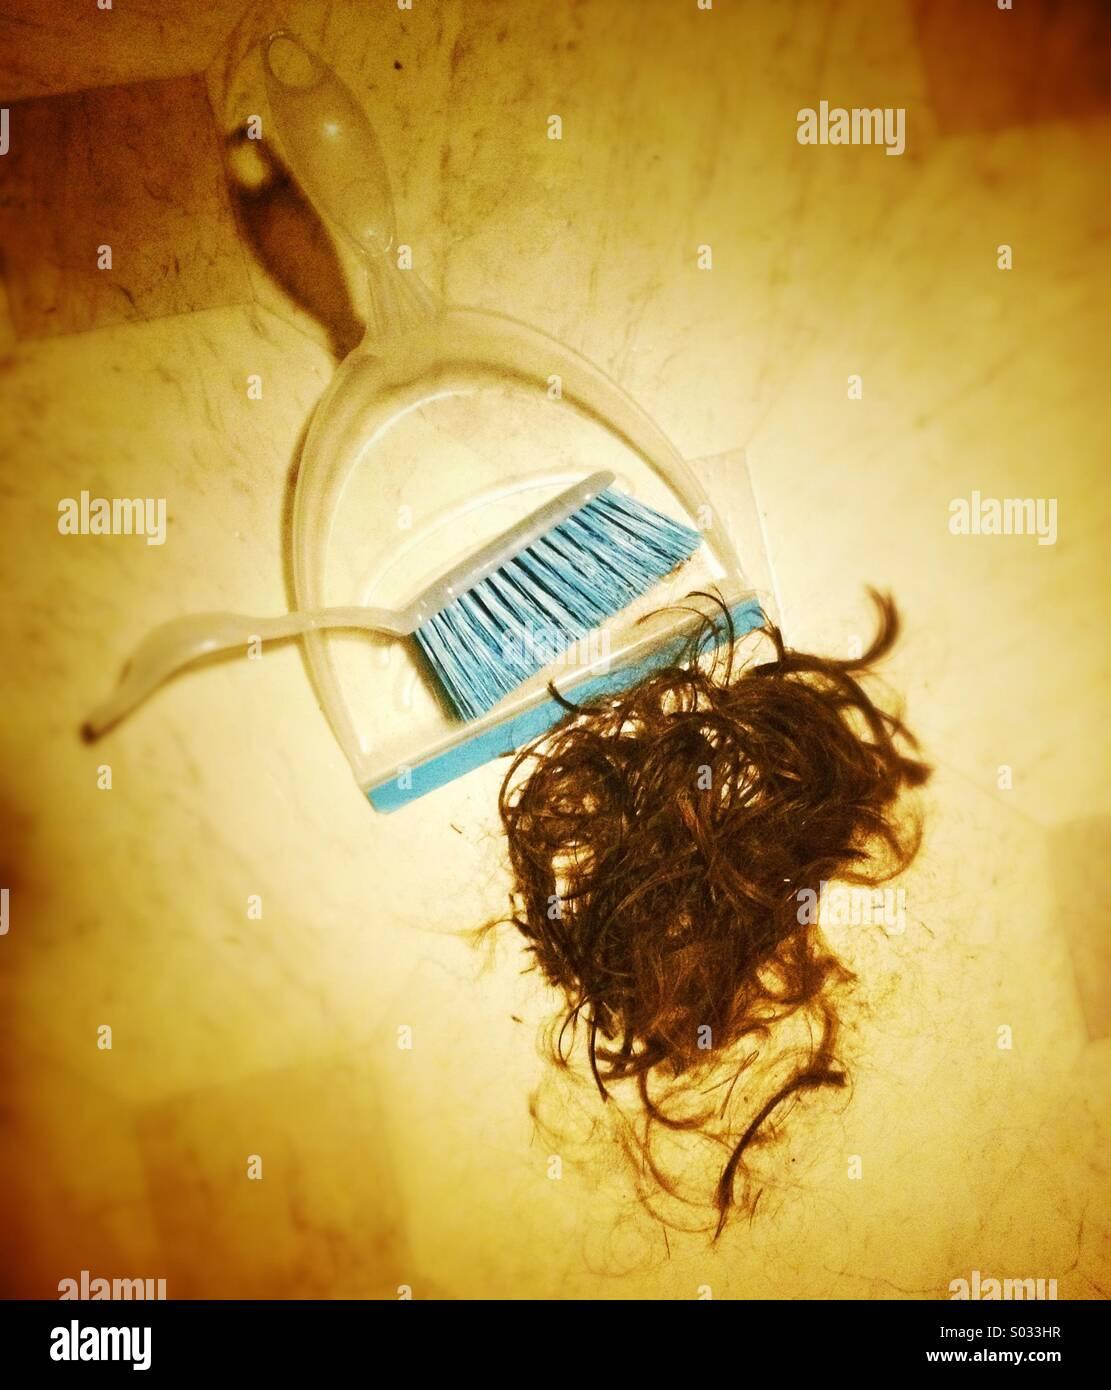 Couper les cheveux, pan et pinceau de poils de cheveux coupés Photo Stock